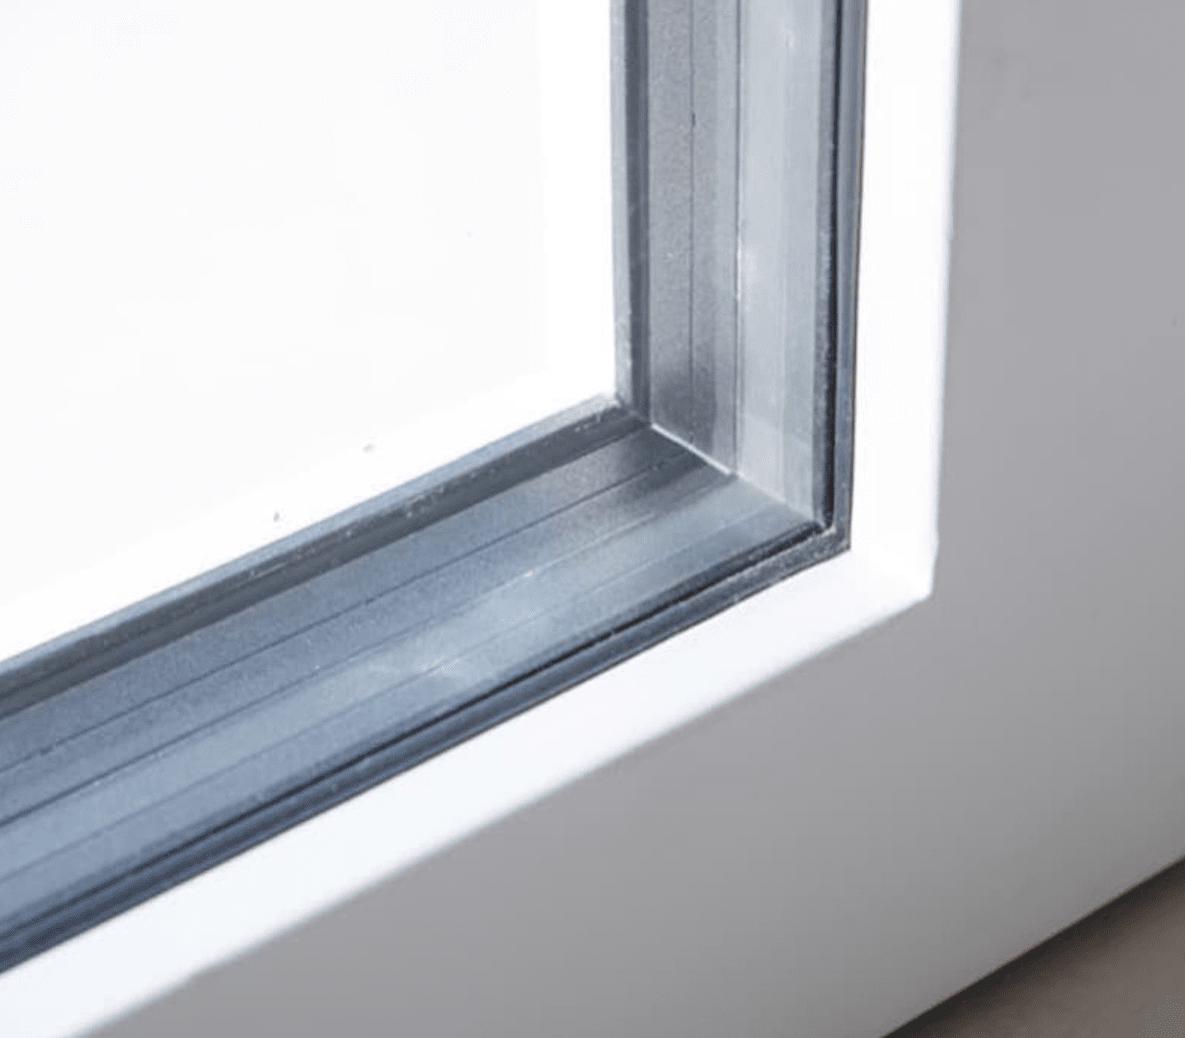 tenuta all' aria - Serramento per casa passiva in monoblocco su misura 12